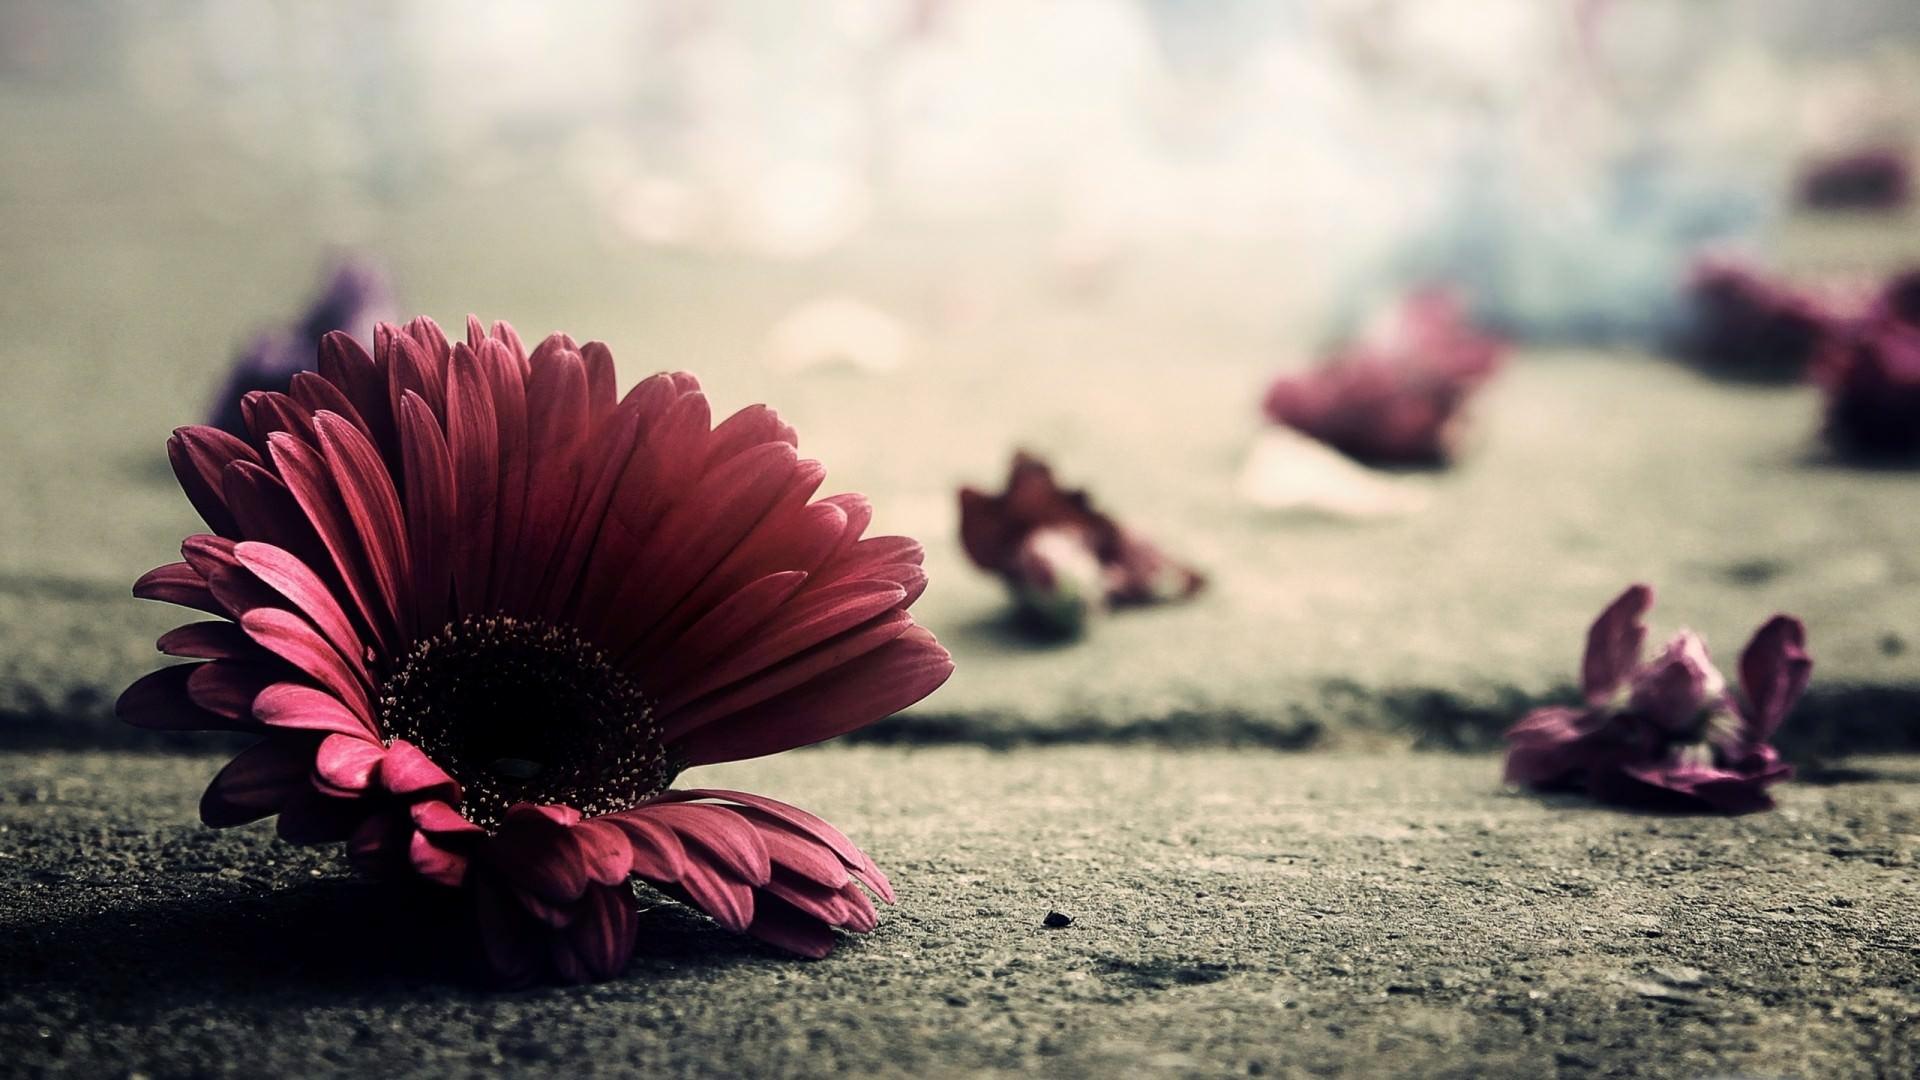 flower-vintage-petals-floral-desktop